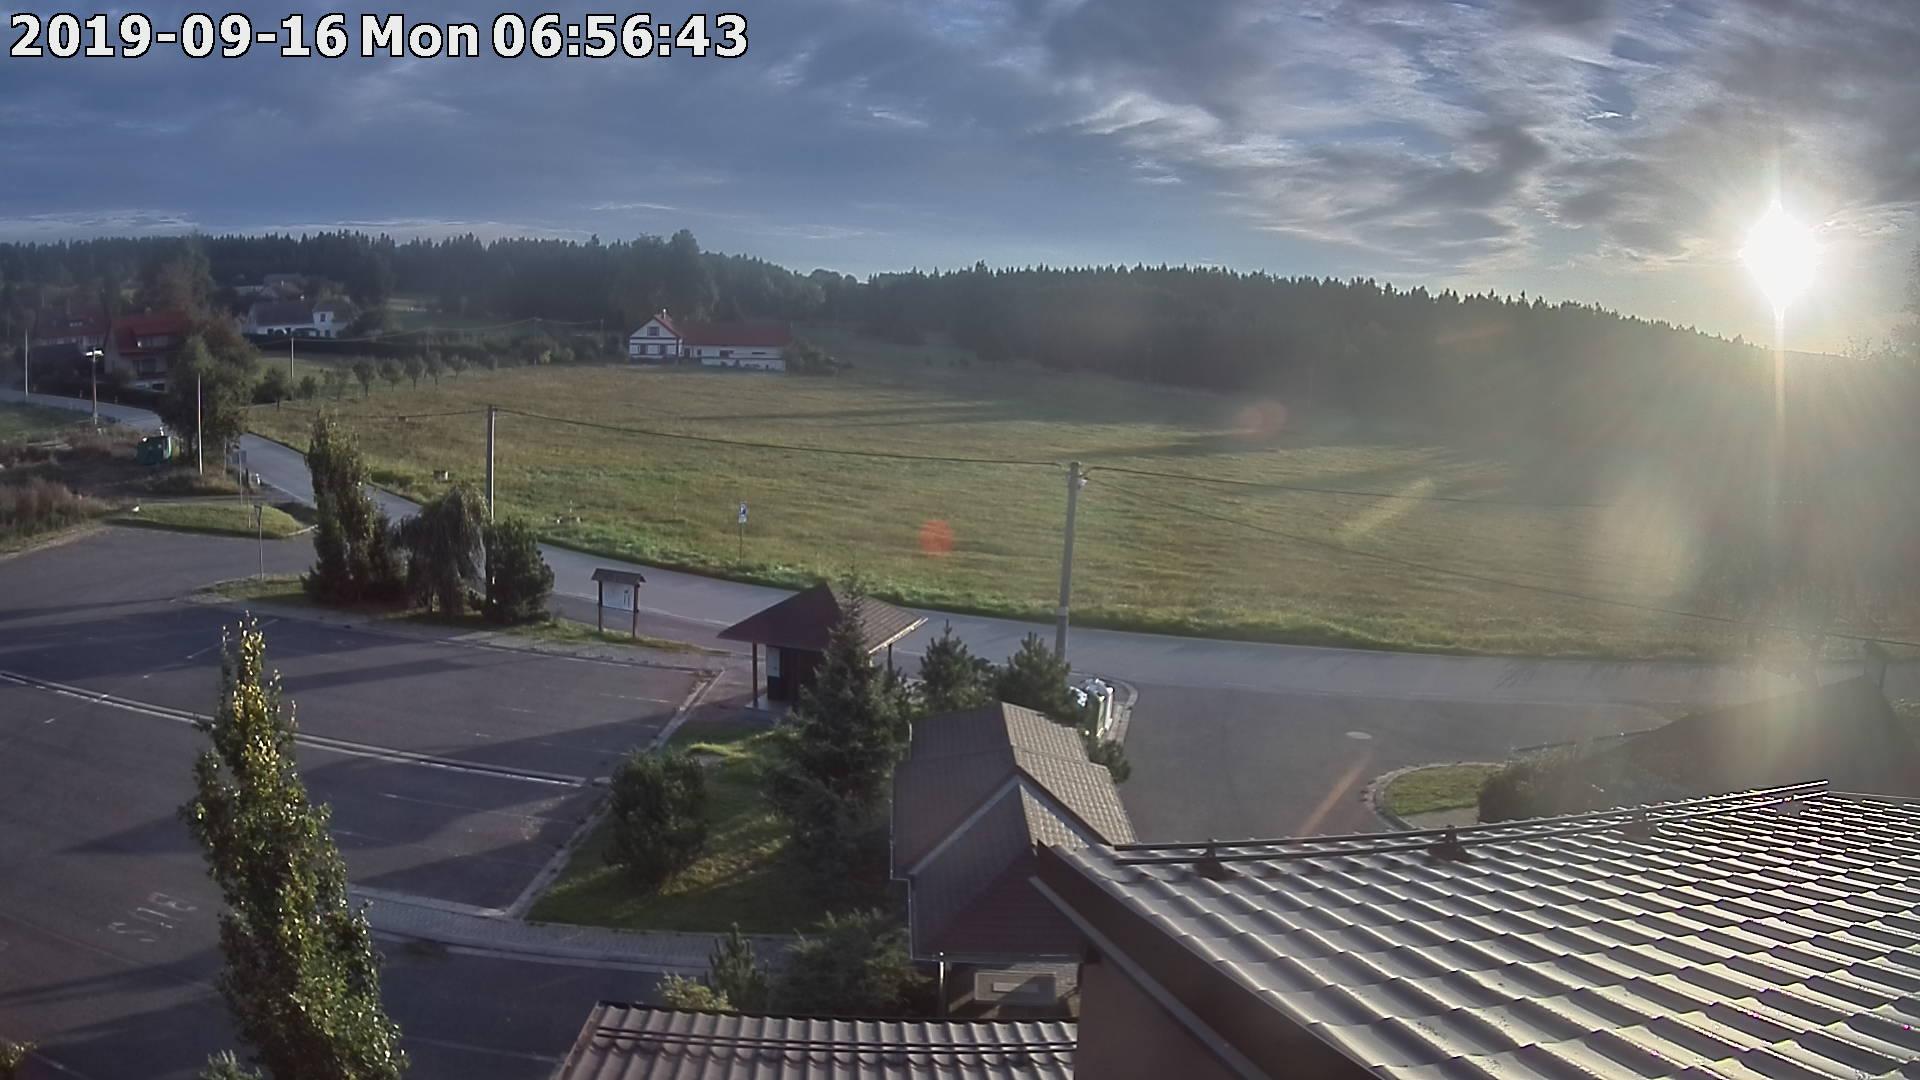 Webkamera ze dne 2019-09-16